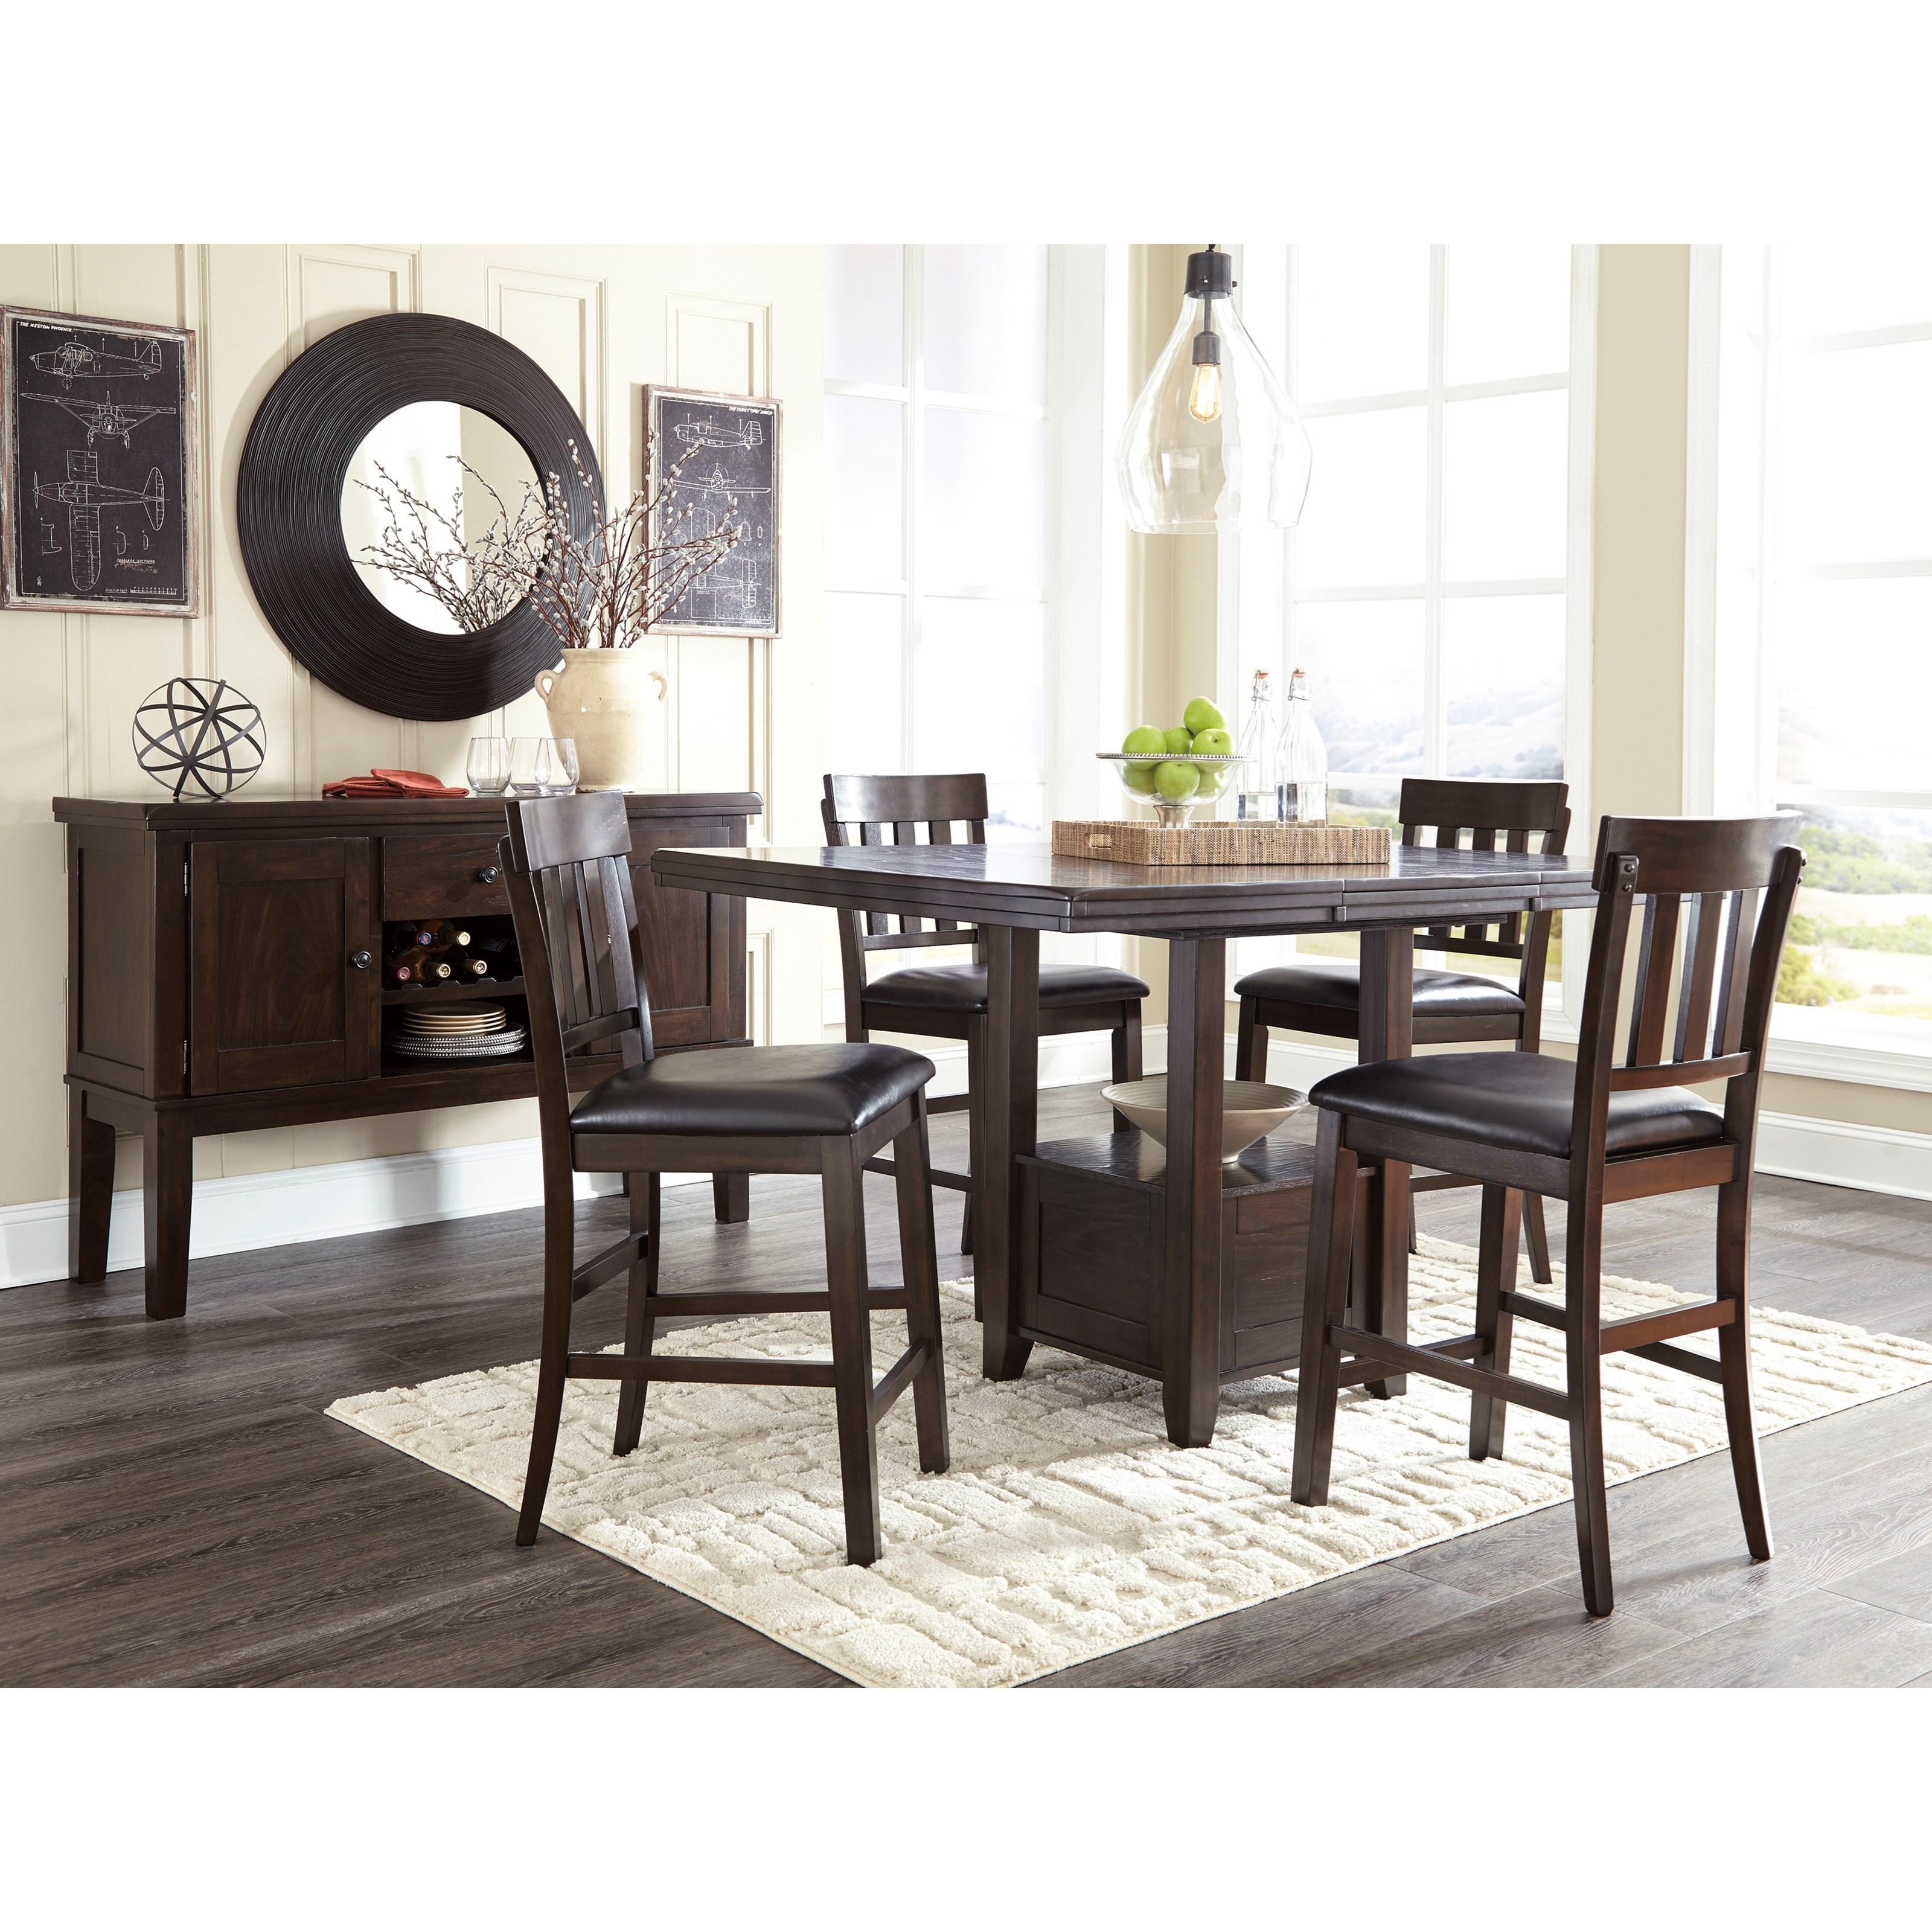 Signature Design by Ashley Haddigan Upholstered Barstool with Slat Back u0026 Faux Leather Seat ...